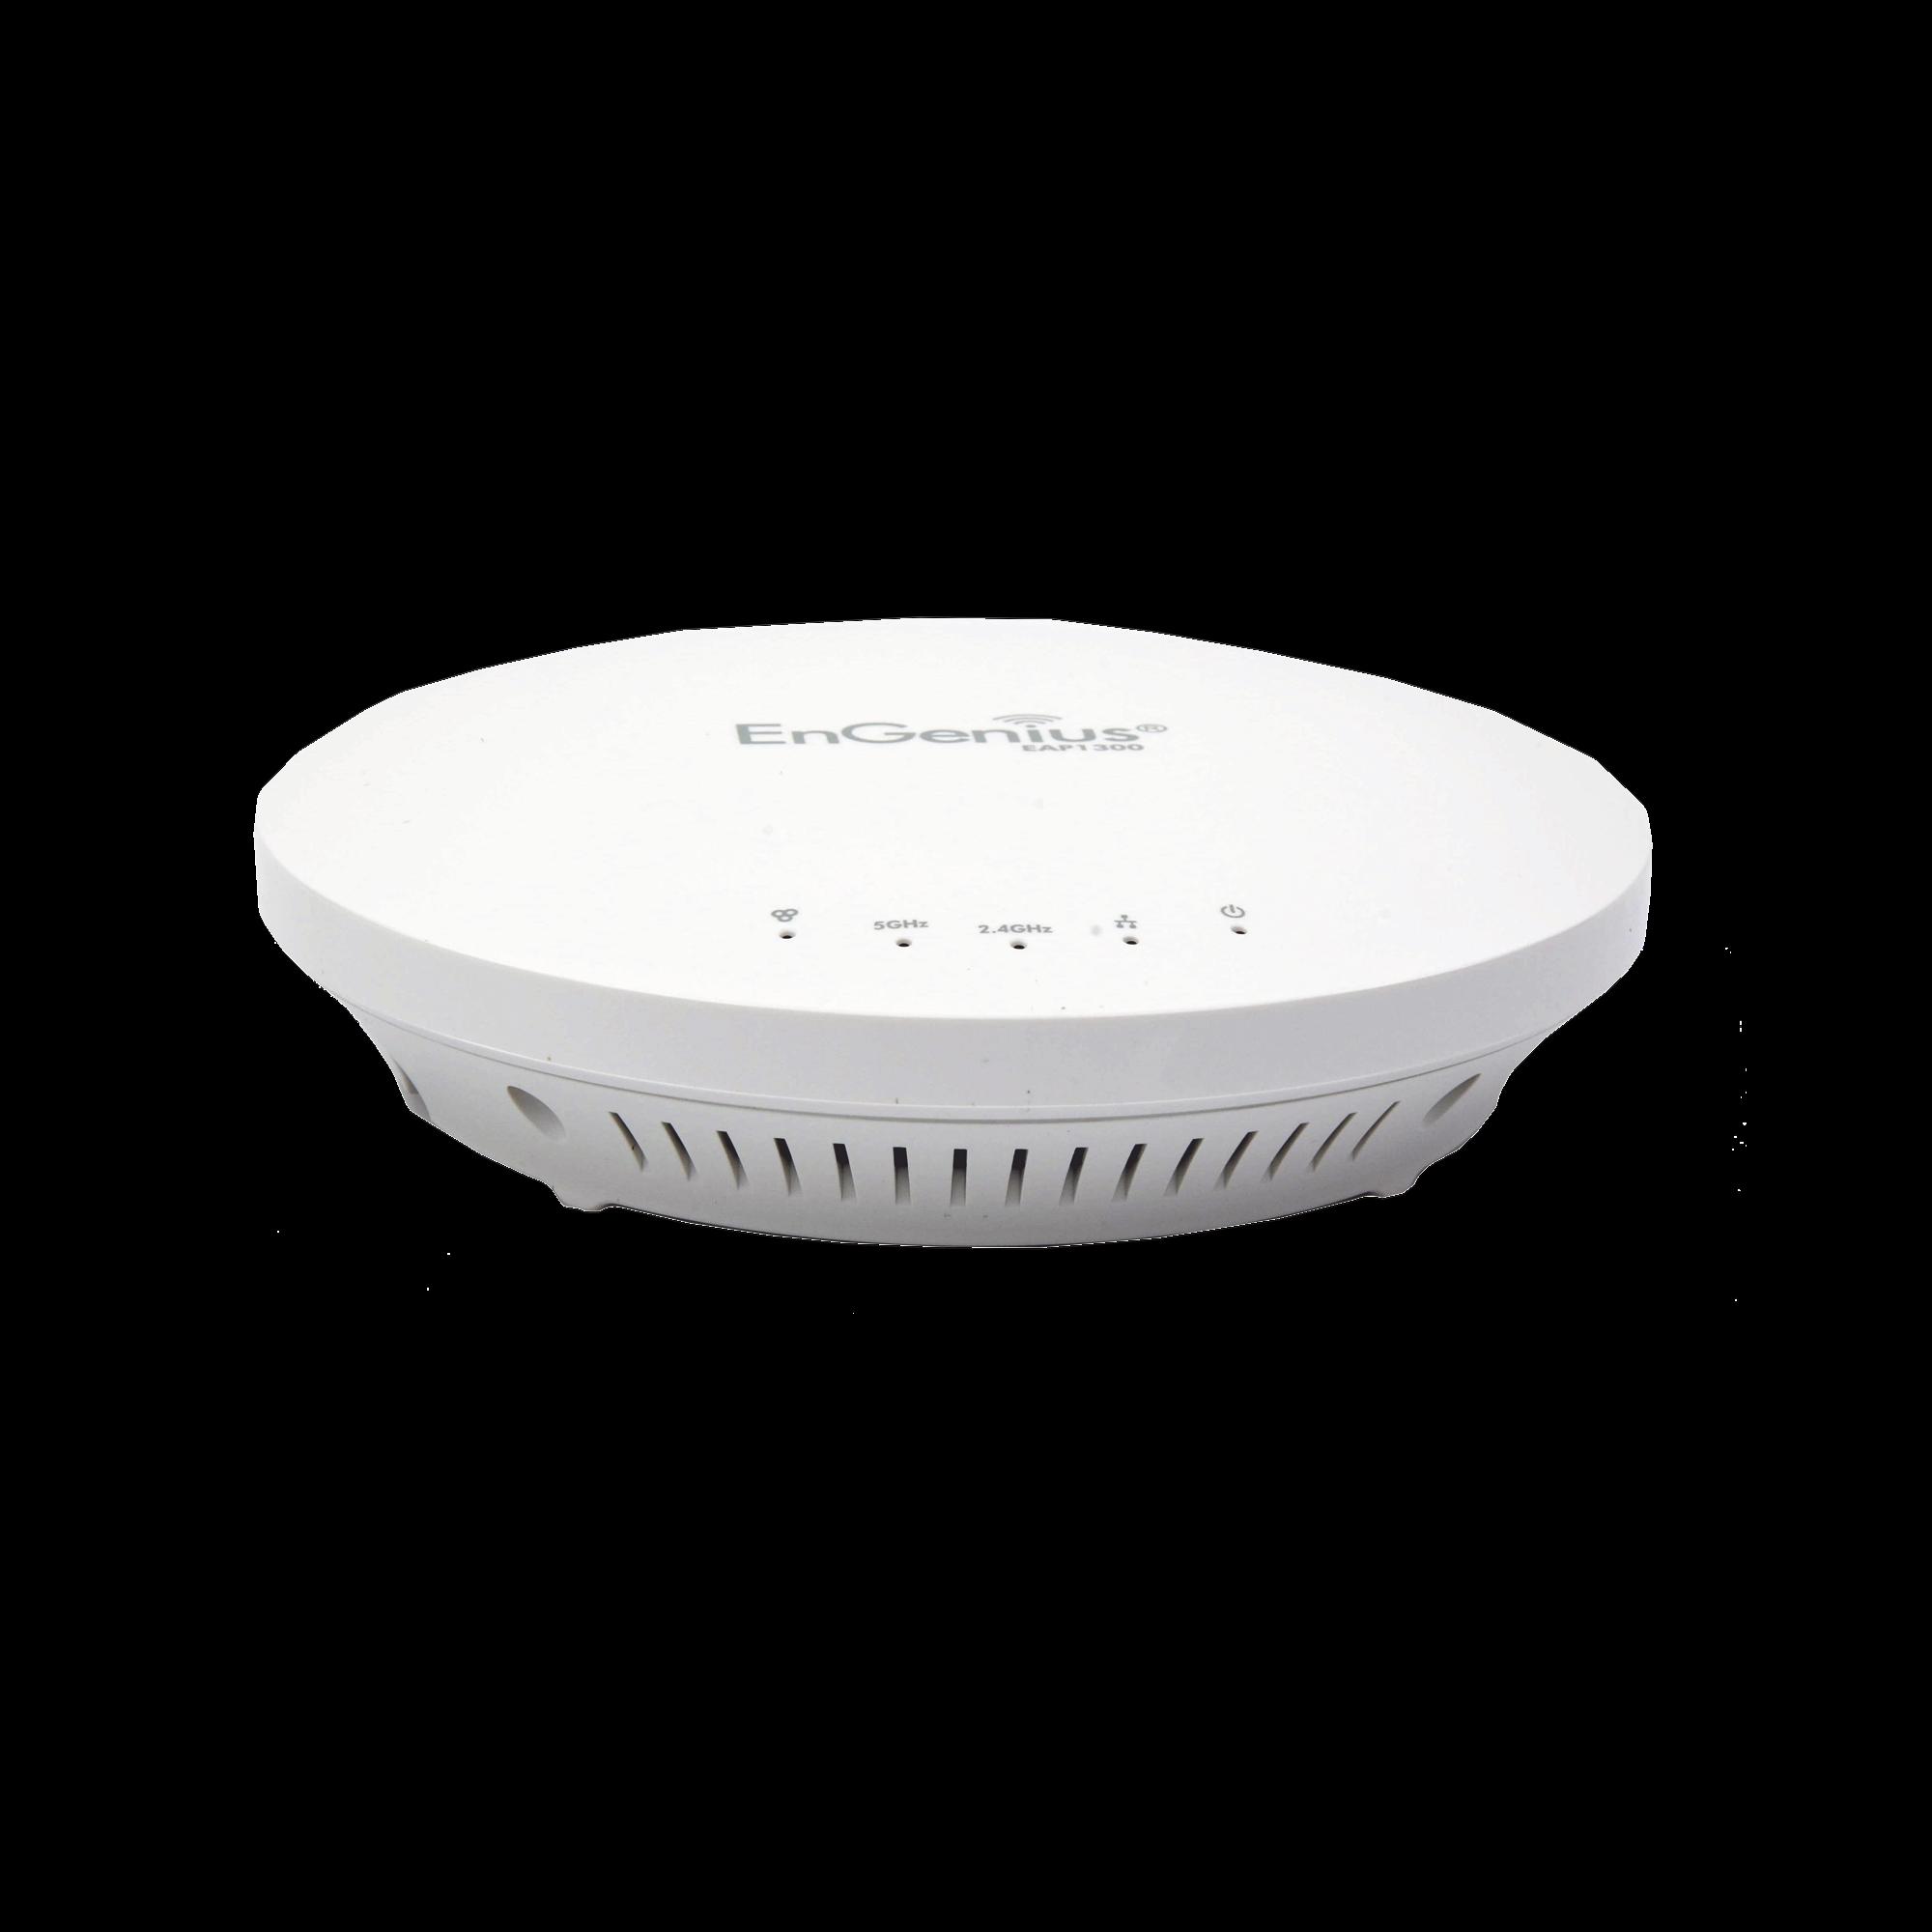 Punto de Acceso WiFi ac para Interior MU-MIMO 2x2, Hasta 1267 Mbps de Largo Alcance, Doble Banda en 2.4 y 5 GHz, 300+ Usuarios Simultáneos, Soporta PoE  802.3af